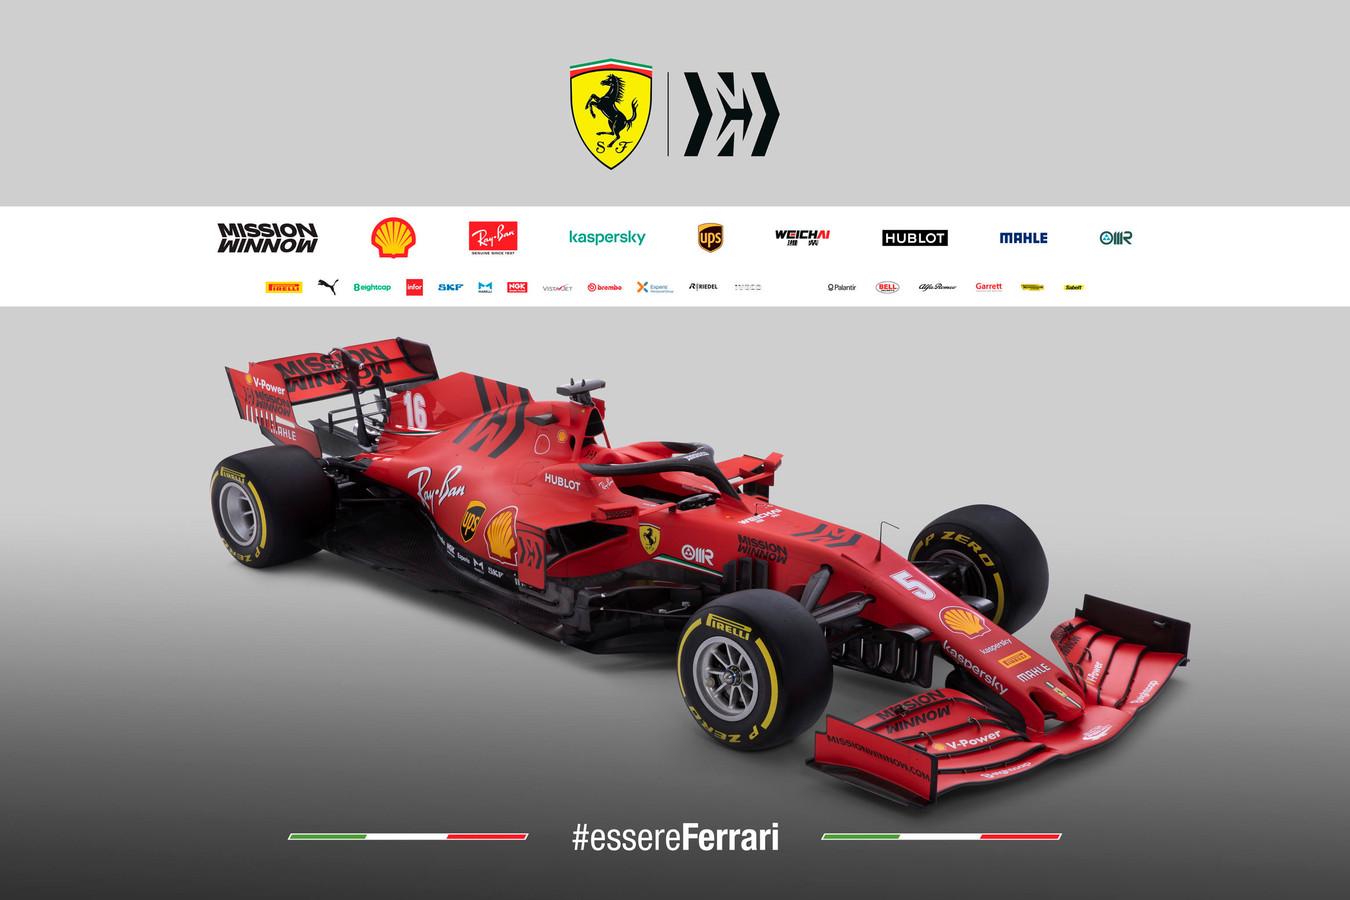 De SF1000 van Ferrari